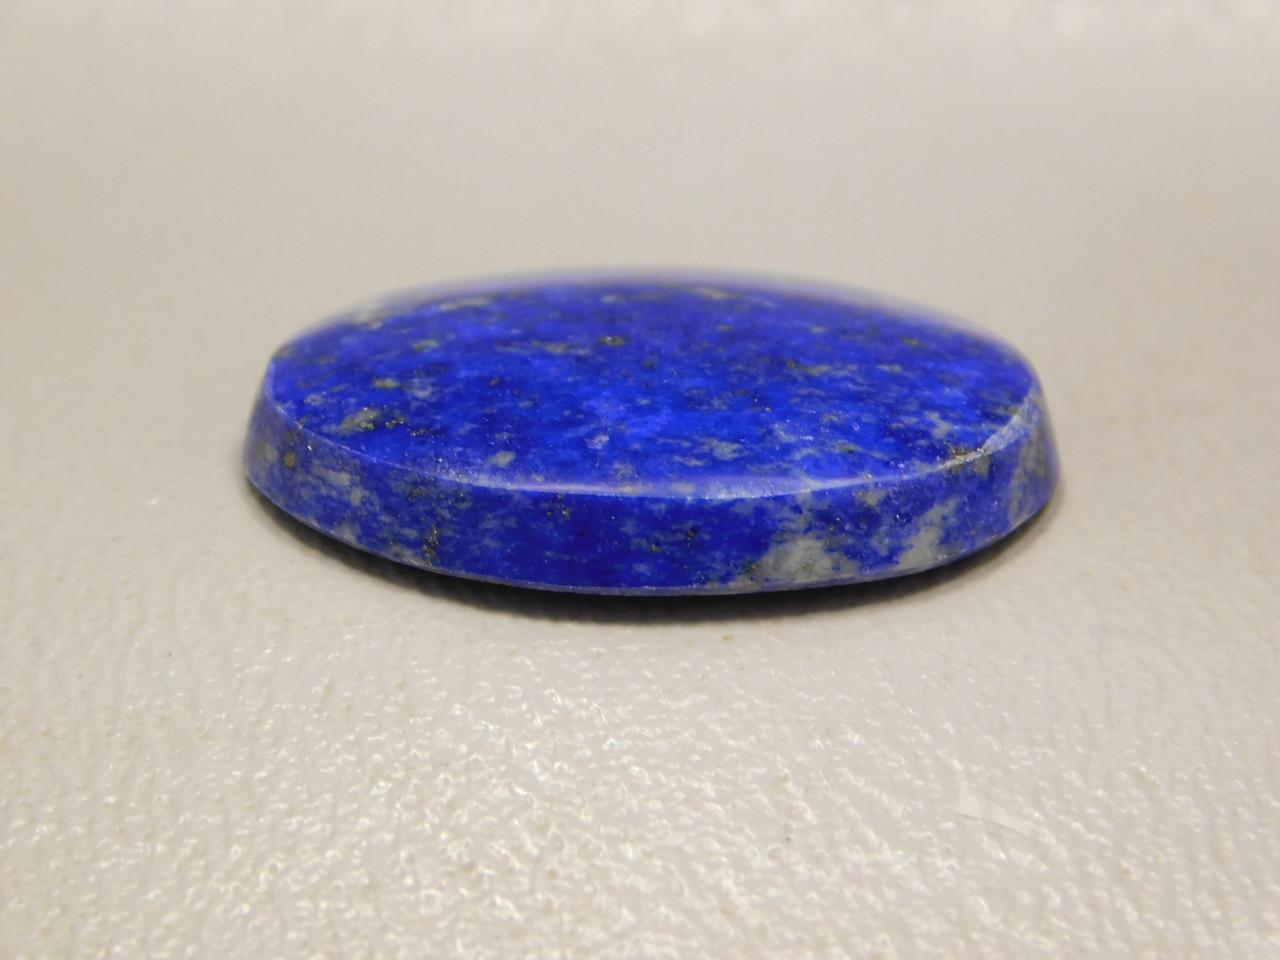 Lapis Lazuli Oval Stone Blue Gold Pyrite Jewelry Cabochon #13